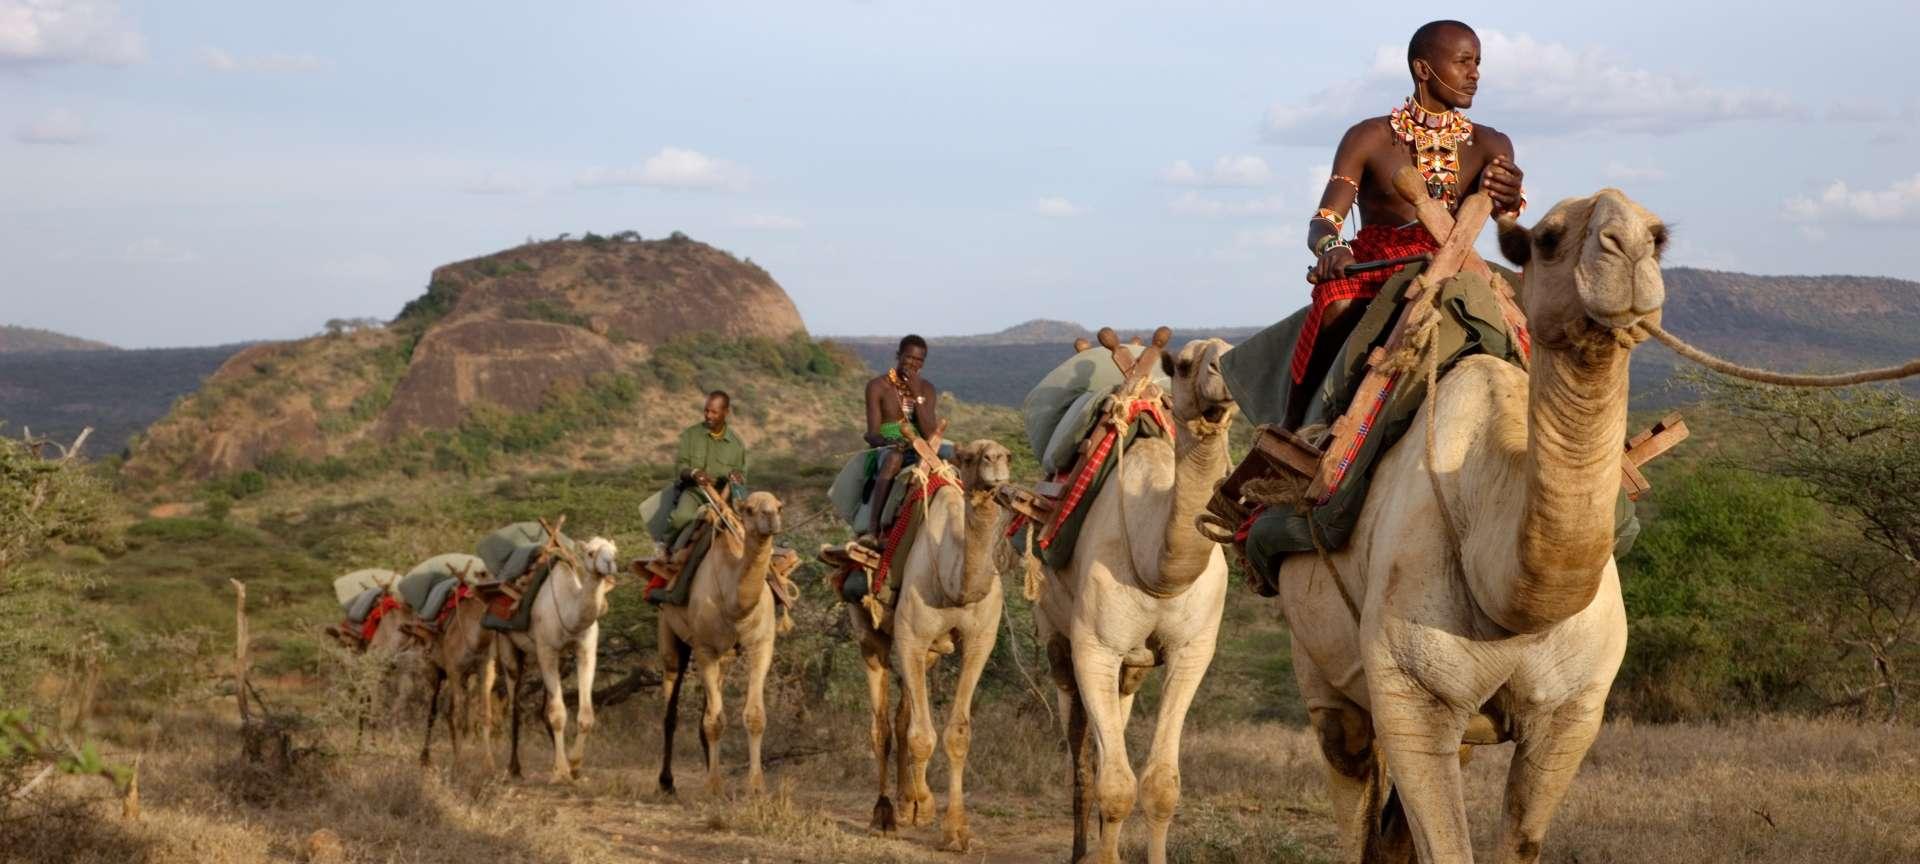 camel laikipia